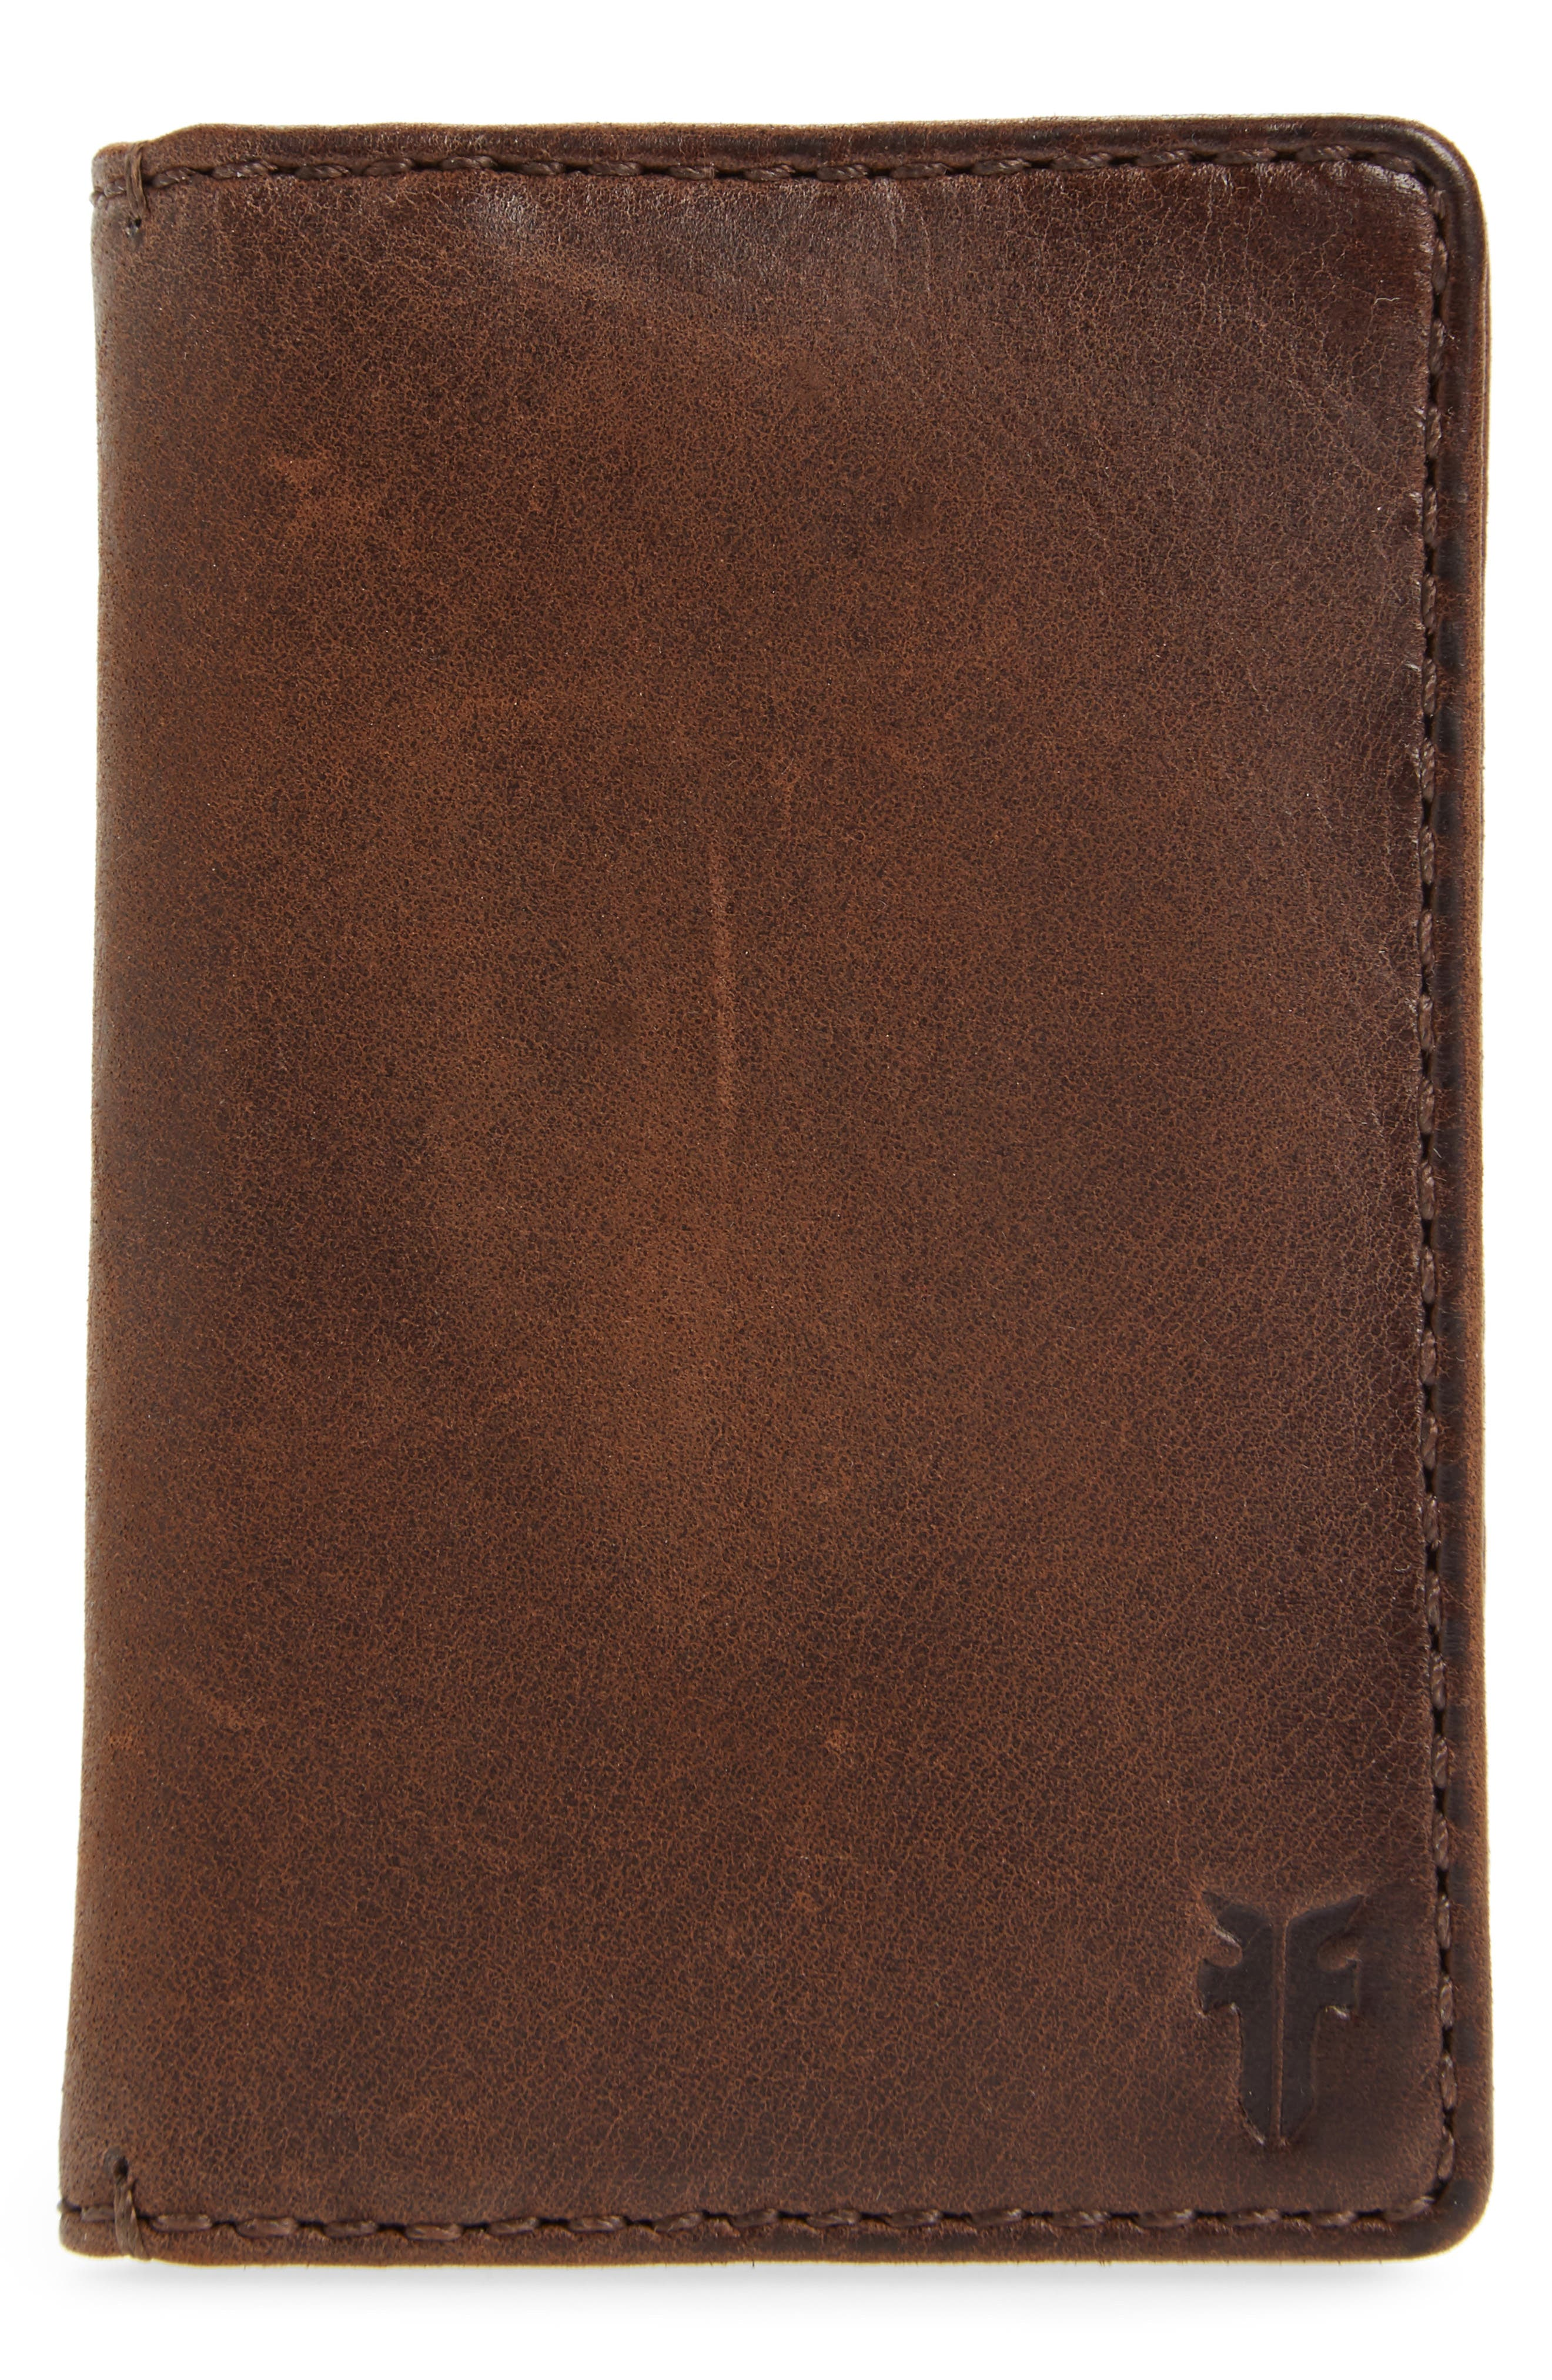 Oliver Leather Wallet,                         Main,                         color, Dark Brown